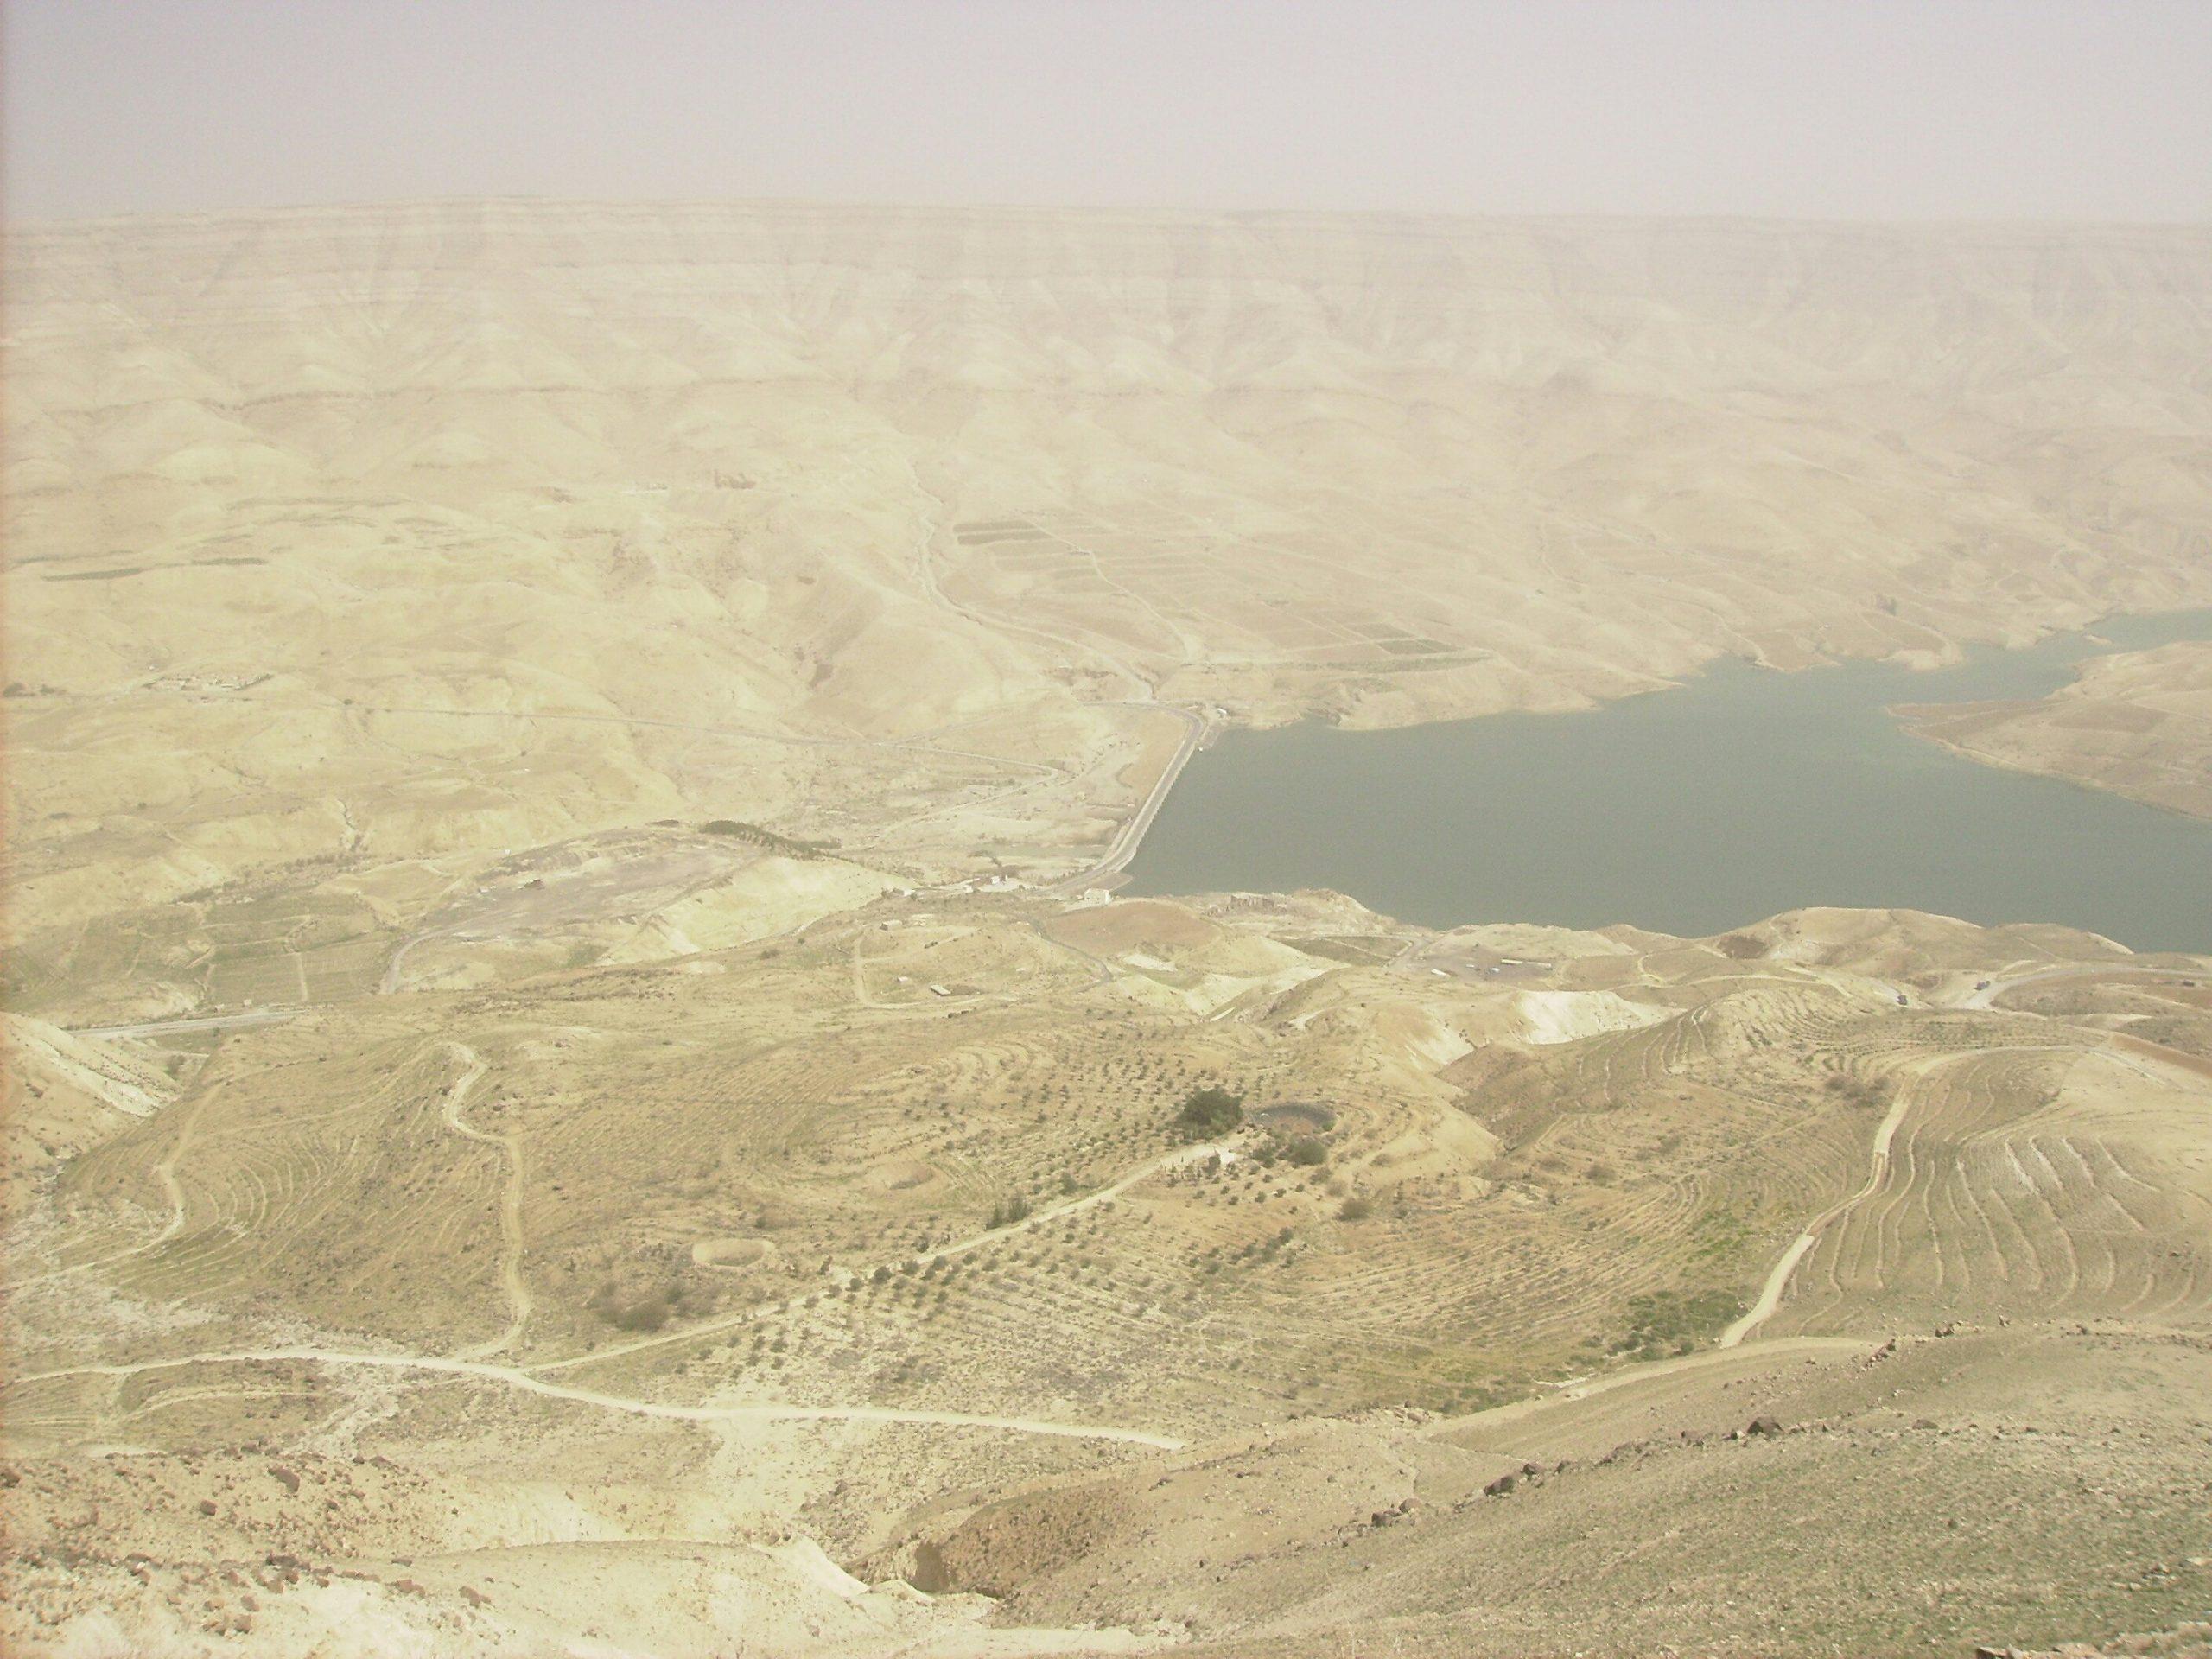 Giordania On the Road – quarta tappa: da Aqaba ad Amman passando per il monte Nebo e Madaba